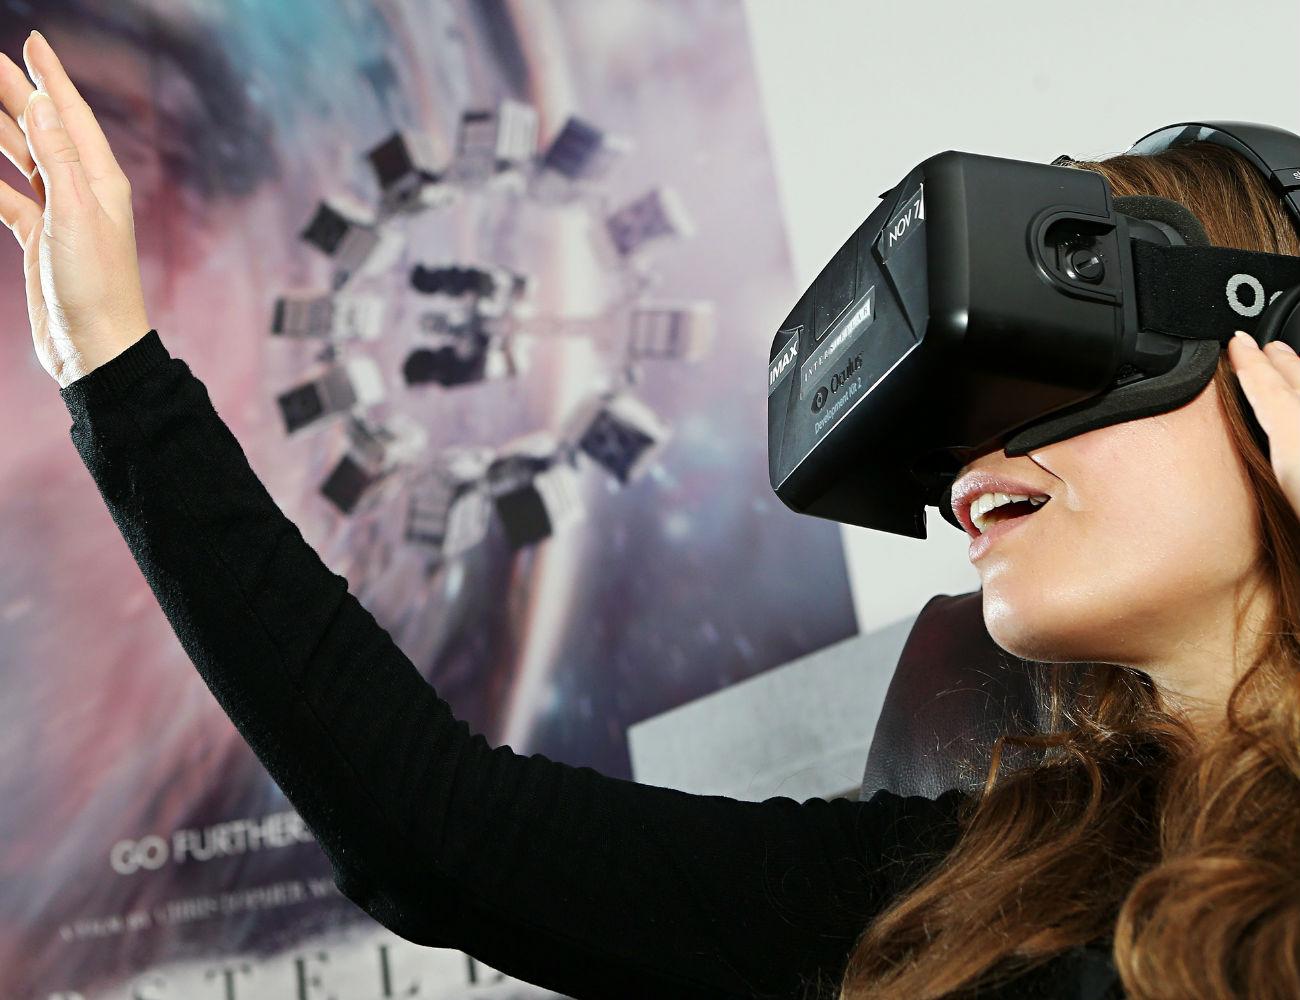 oculus-rift-vr-02